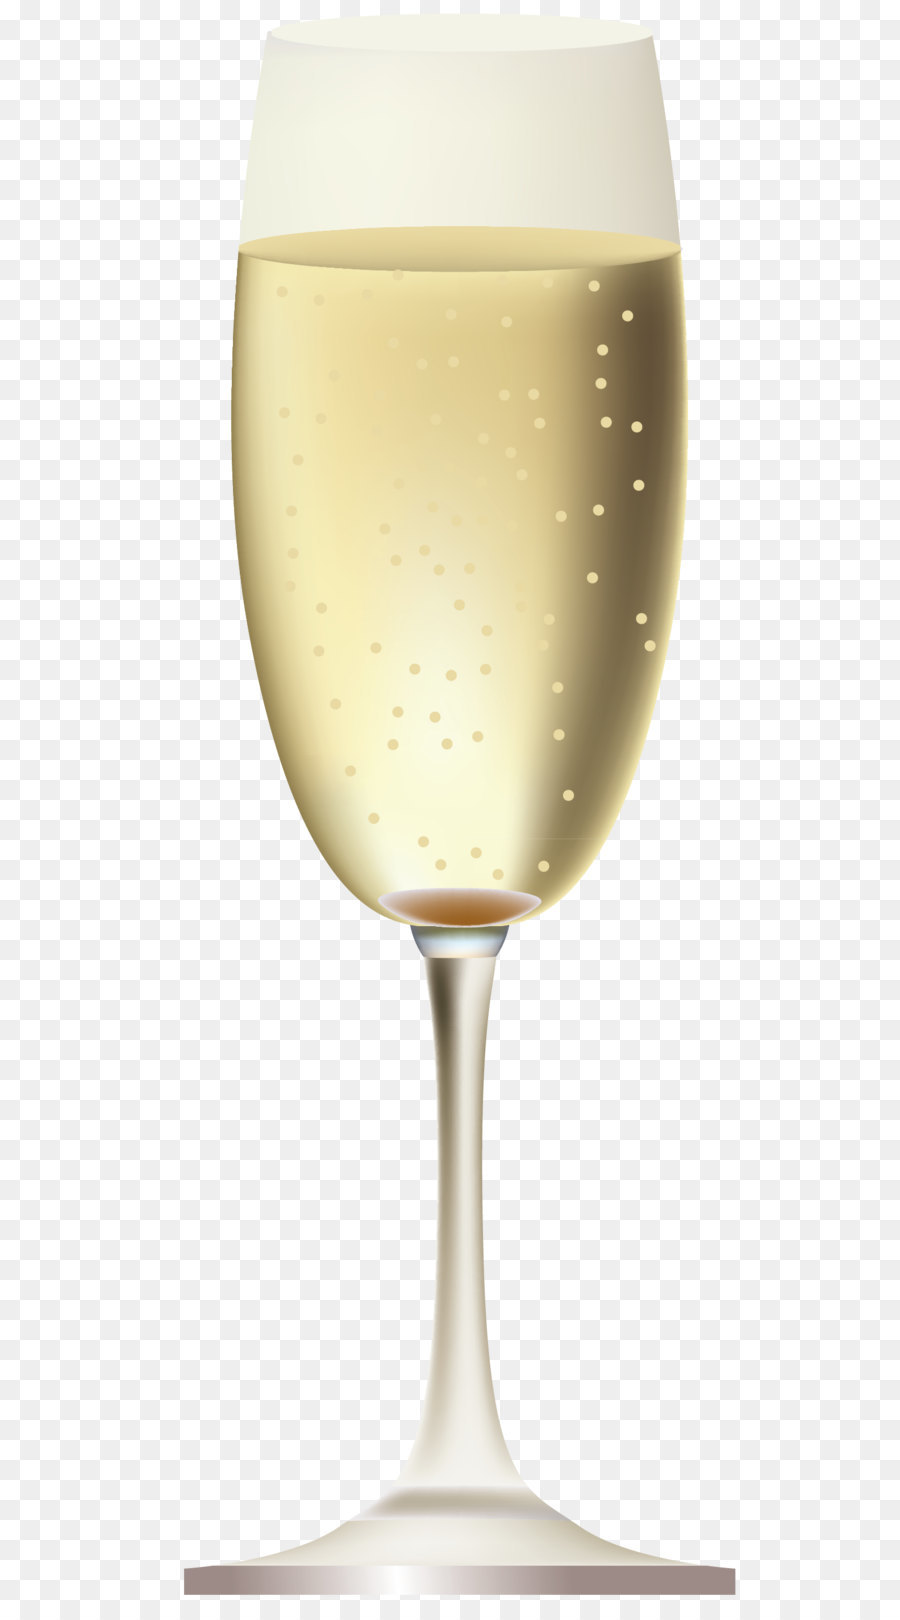 Descarga gratuita de Vino, Vidrio, Botella Imágen de Png